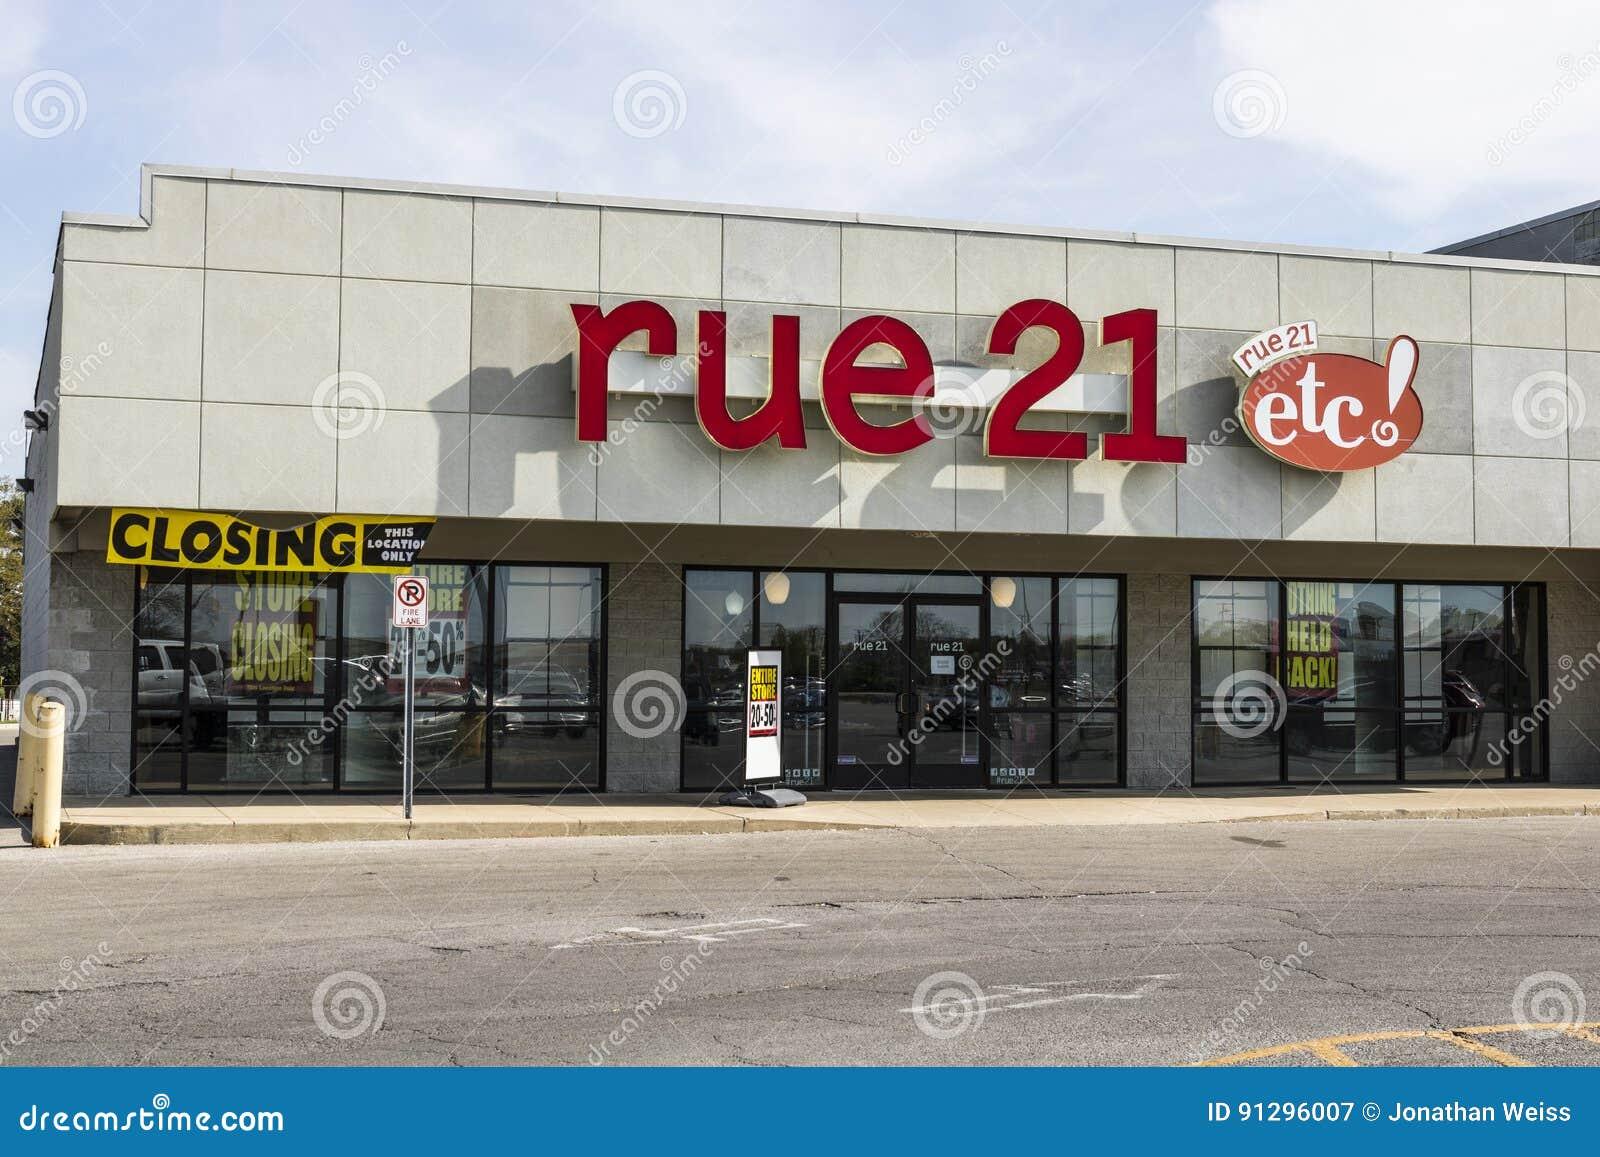 Marion - Circa April 2017: för remsagalleria för detaljhandel rue21 läge rue21 stänger omkring en tredjedel av dess diversehandel